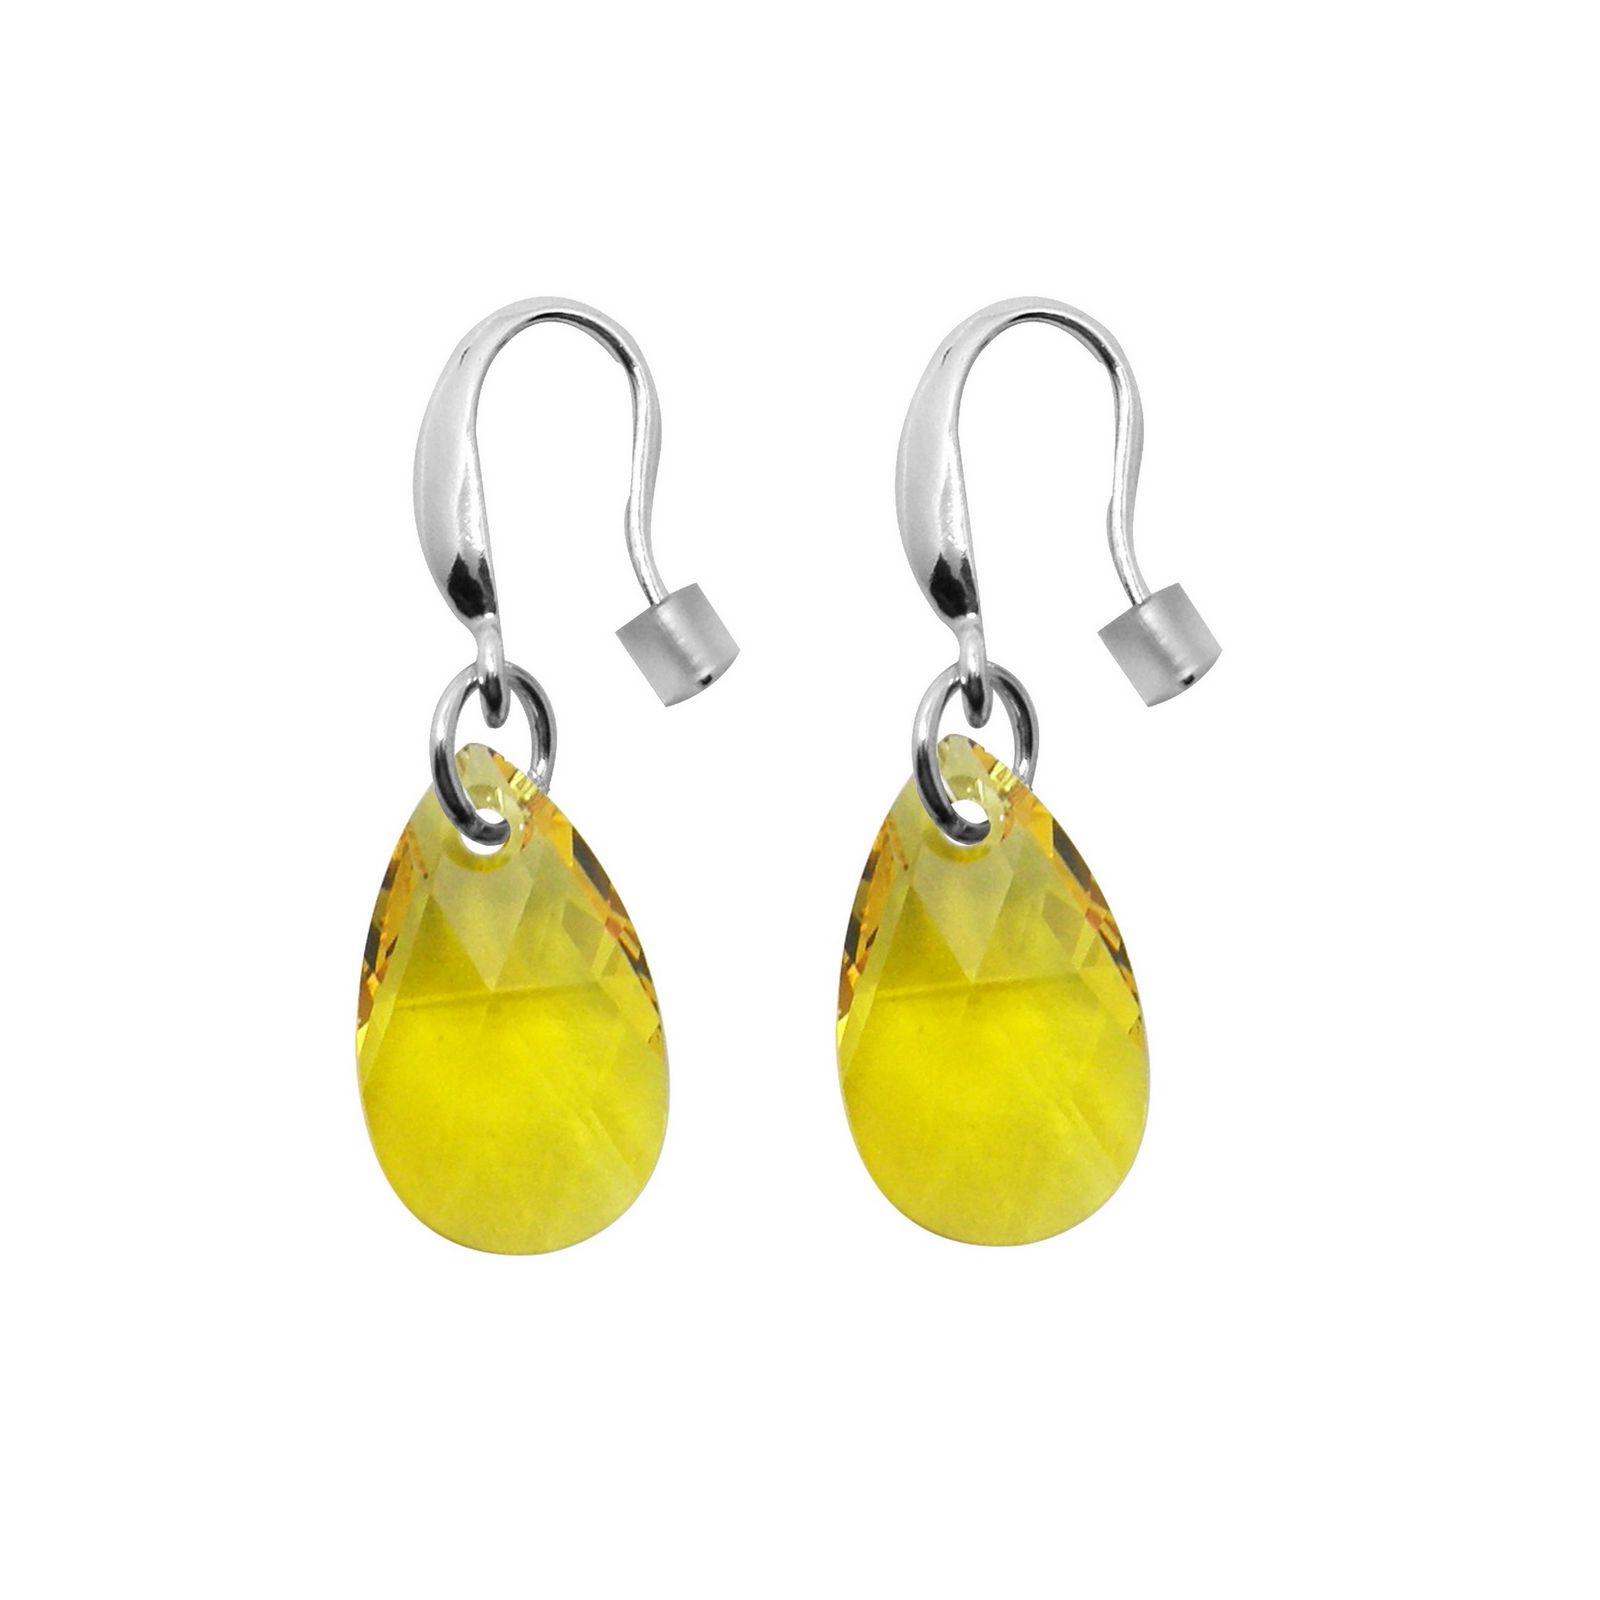 Boucles d'oreilles Indicolite Larme en argent et cristaux Swarovski jaunes